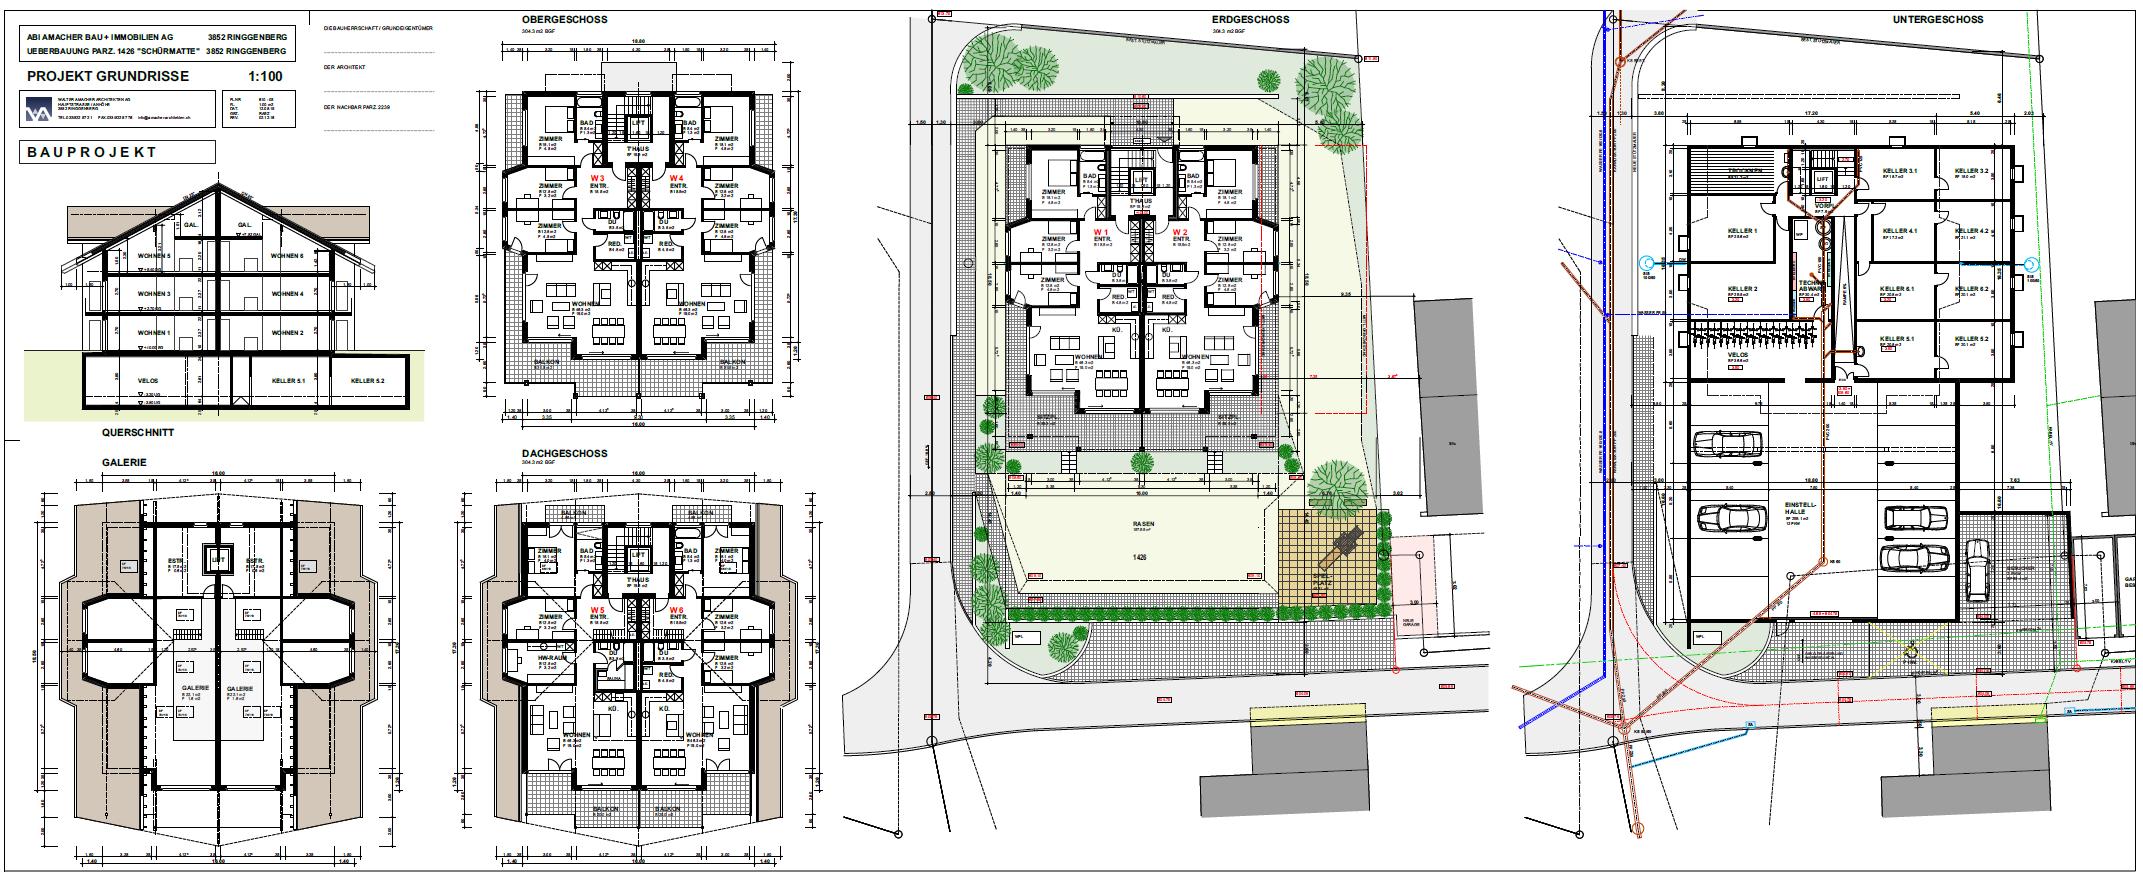 Grundriss mehrfamilienhaus neubau neubau mehrfamilienhaus for Mehrfamilienhaus neubau